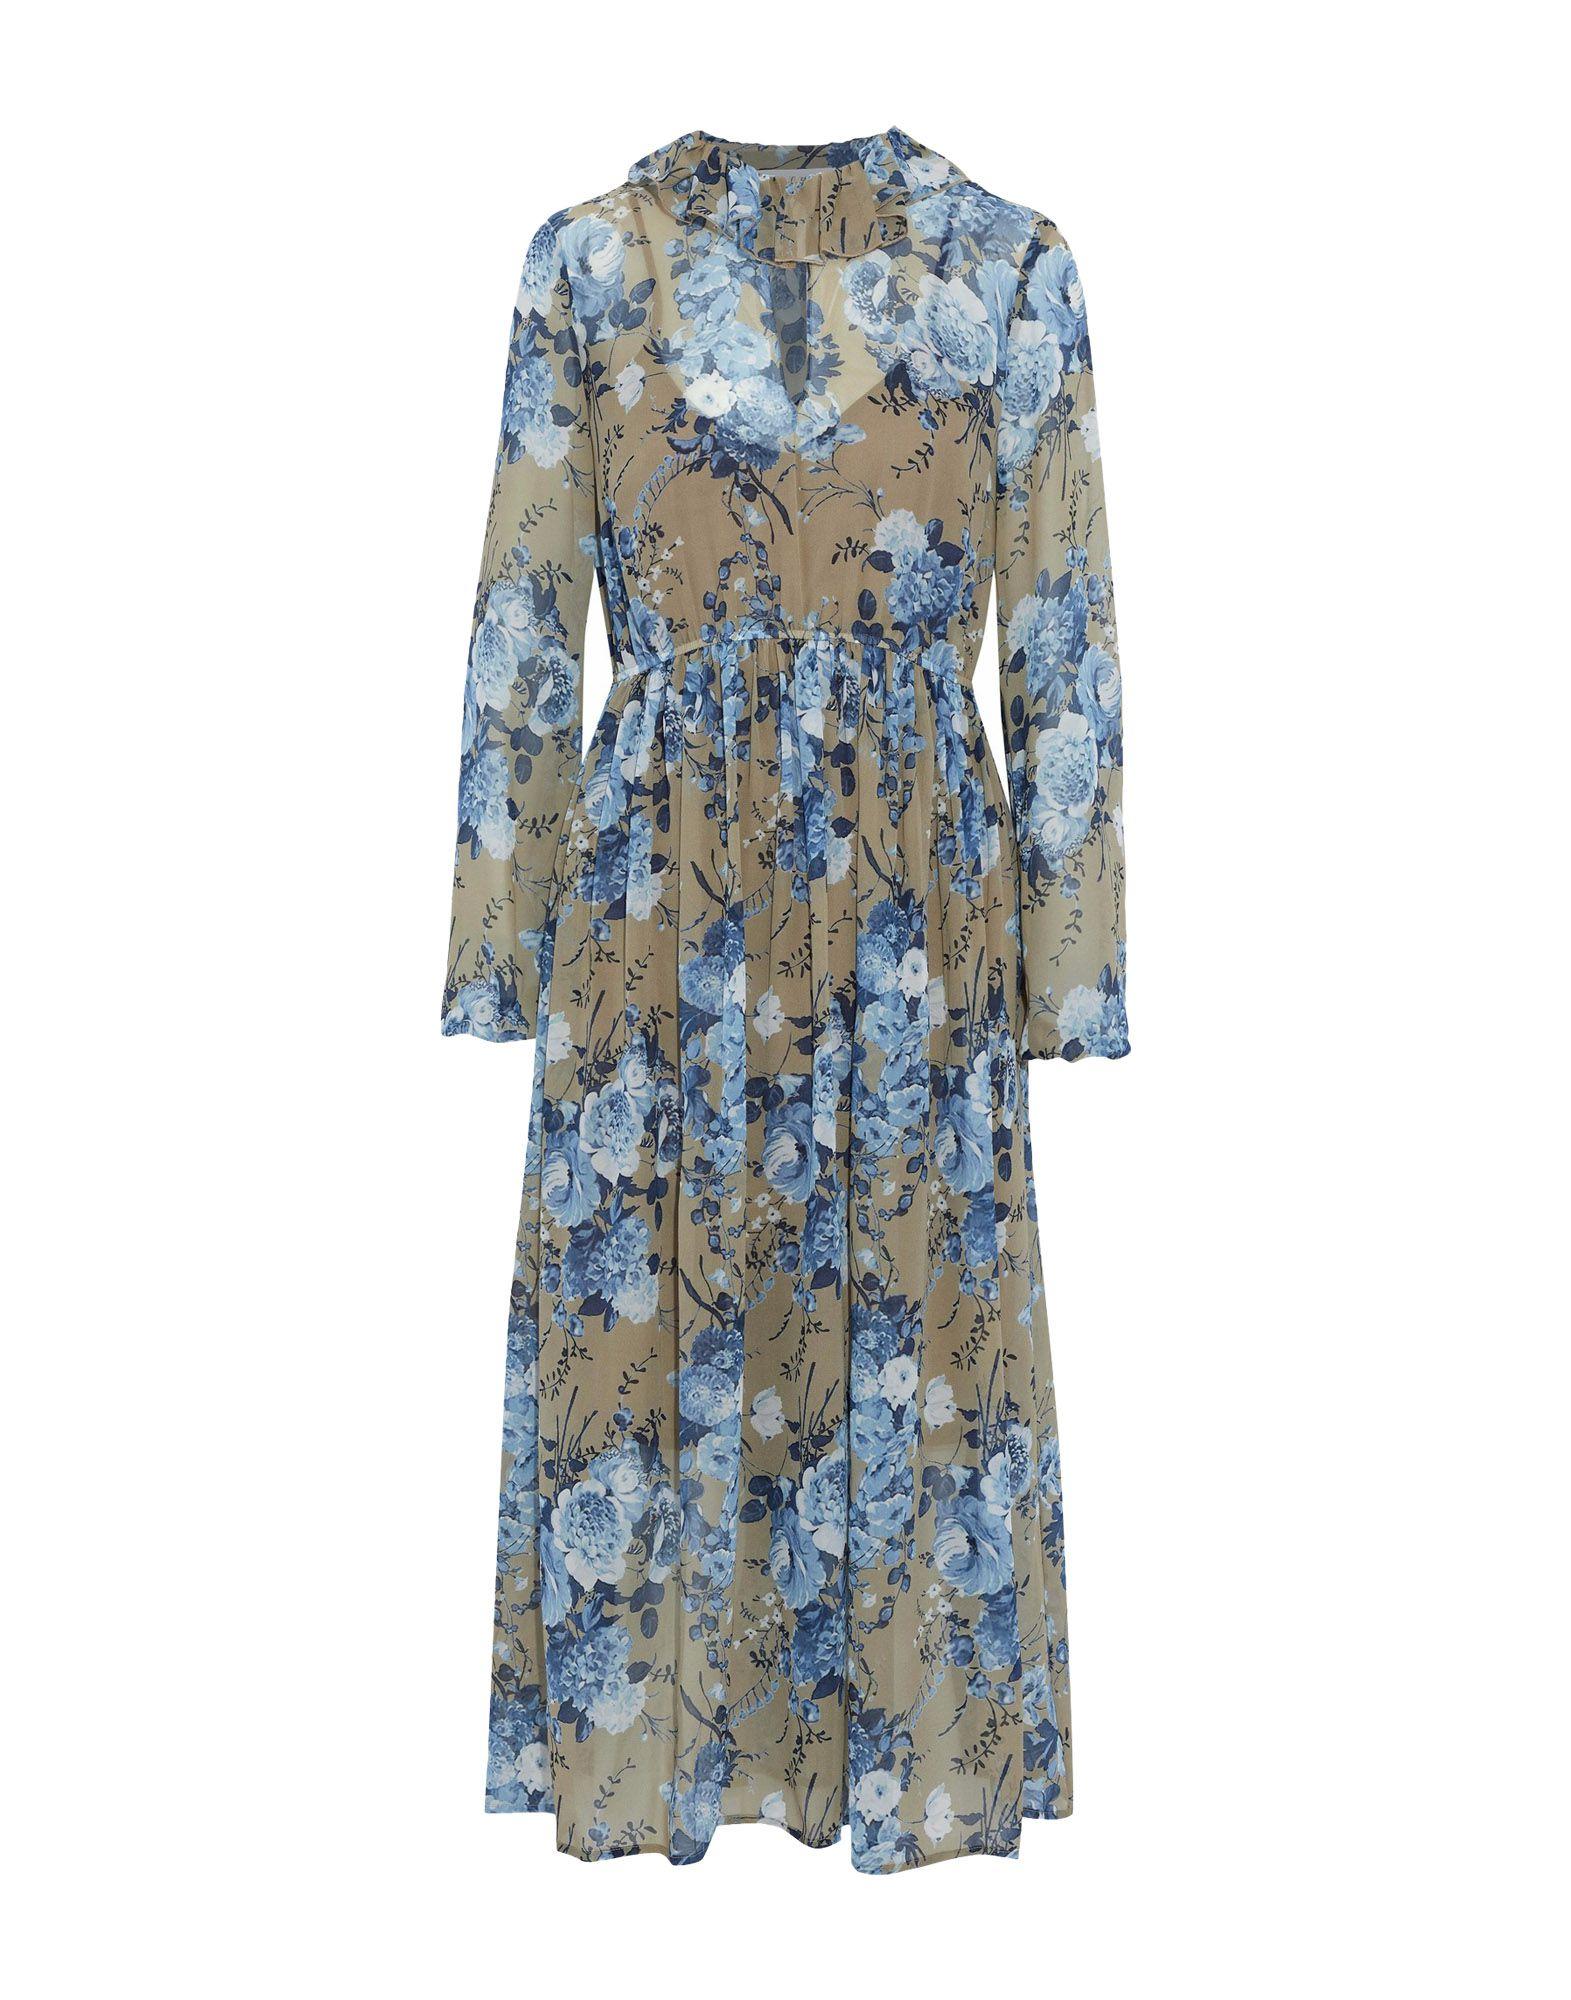 ROBERT RODRIGUEZ Платье длиной 3/4 robert welch набор чайных ложек с длинной ручкой stanton satin 4 шт stasa1025v 4 robert welch